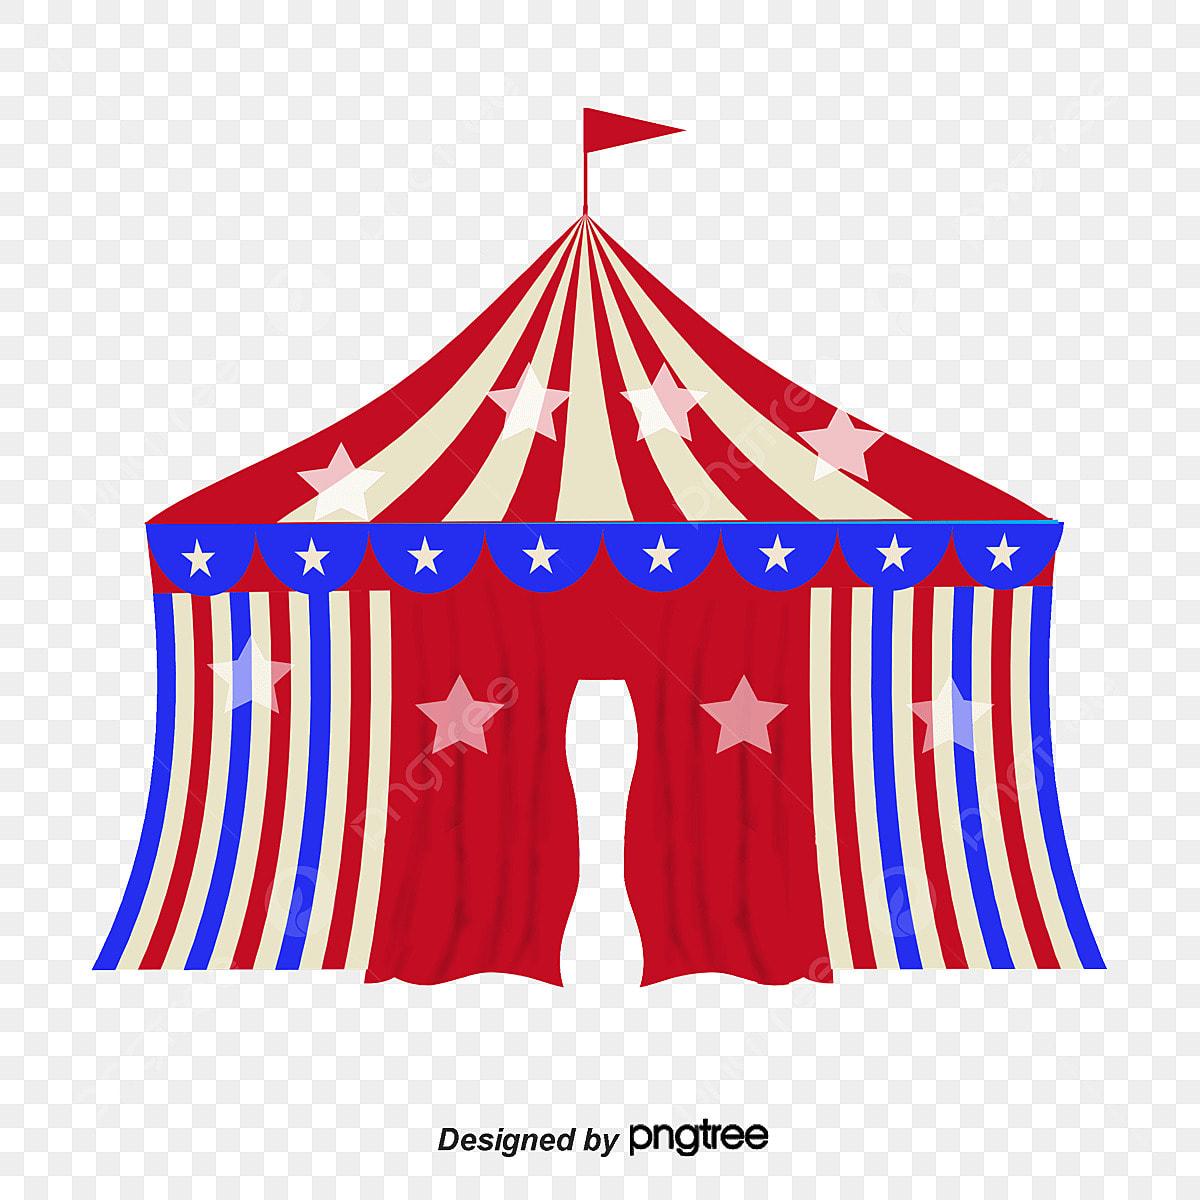 Uma Tenda De Circo O Circo Tenda Ger Arquivo Png E Psd Para